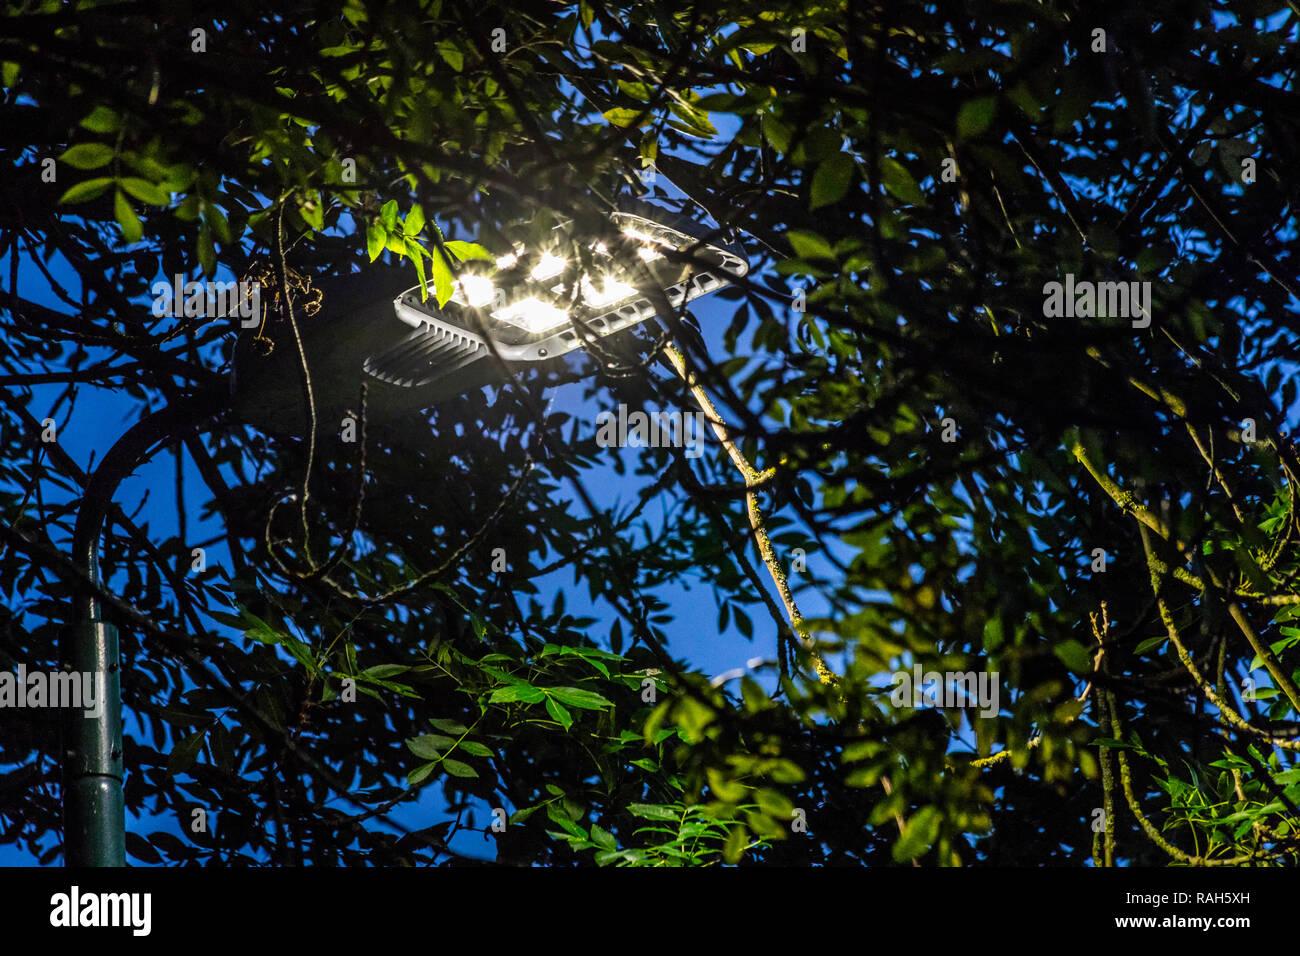 Illuminazione stradale a LED antiriflesso e ad alta intensità luminosa della distribuzione luminosa sul fogliame, lambertiana distribuzione della luce proveniente dal LED di chip esposto il modulo lampada Immagini Stock